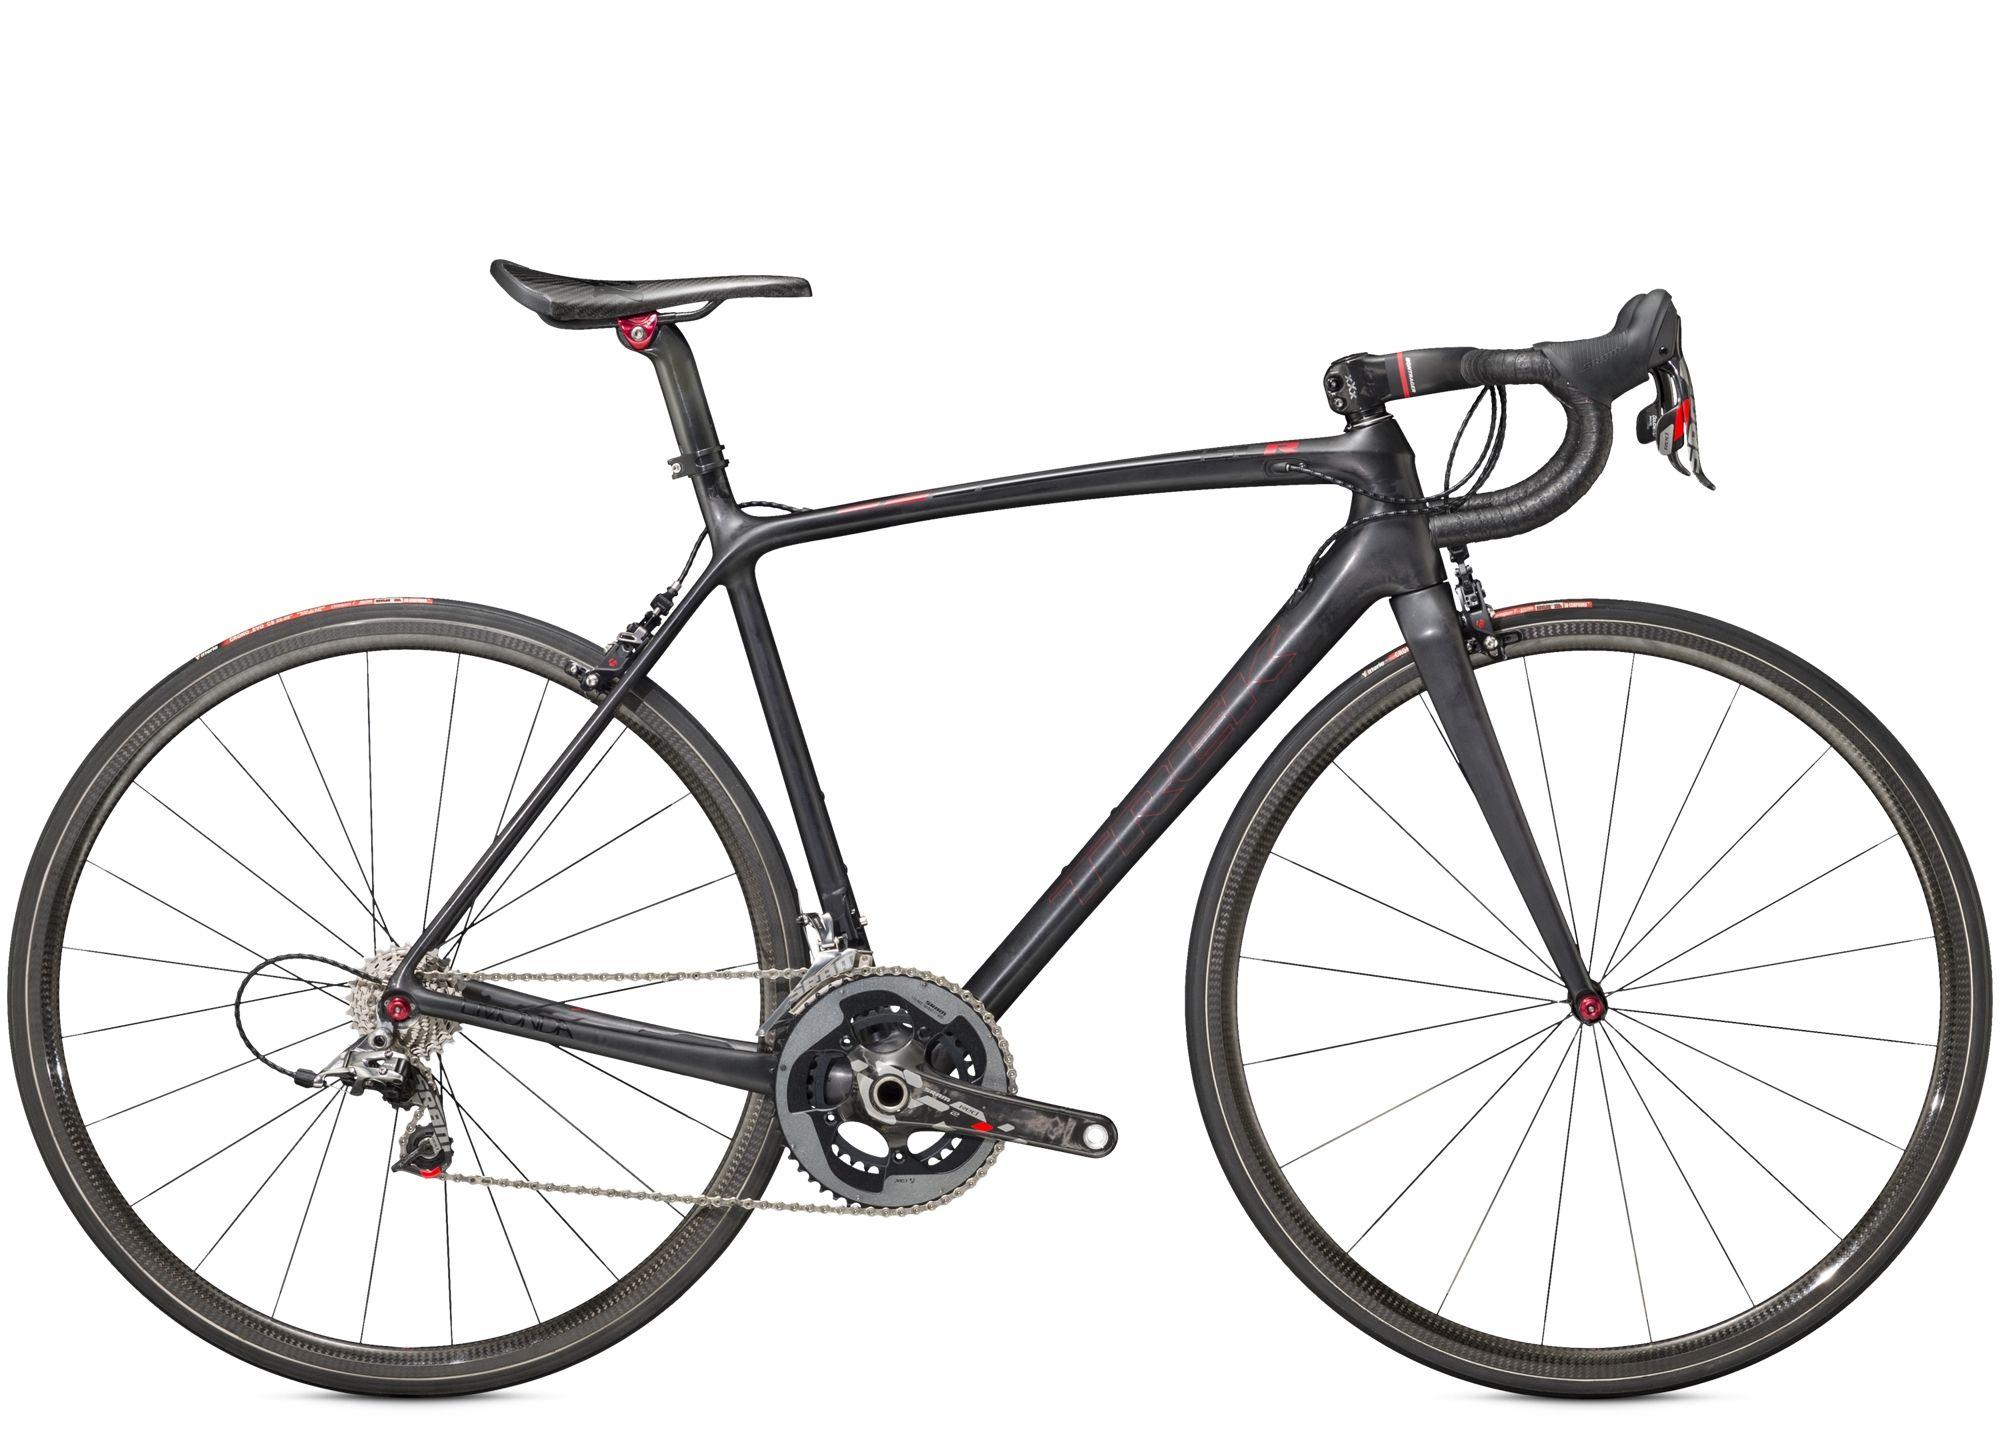 National black bikers roundup 2016 - 2016 Trek Emonda Slr 10 H1 Carbon Road Bike Vapor Coat